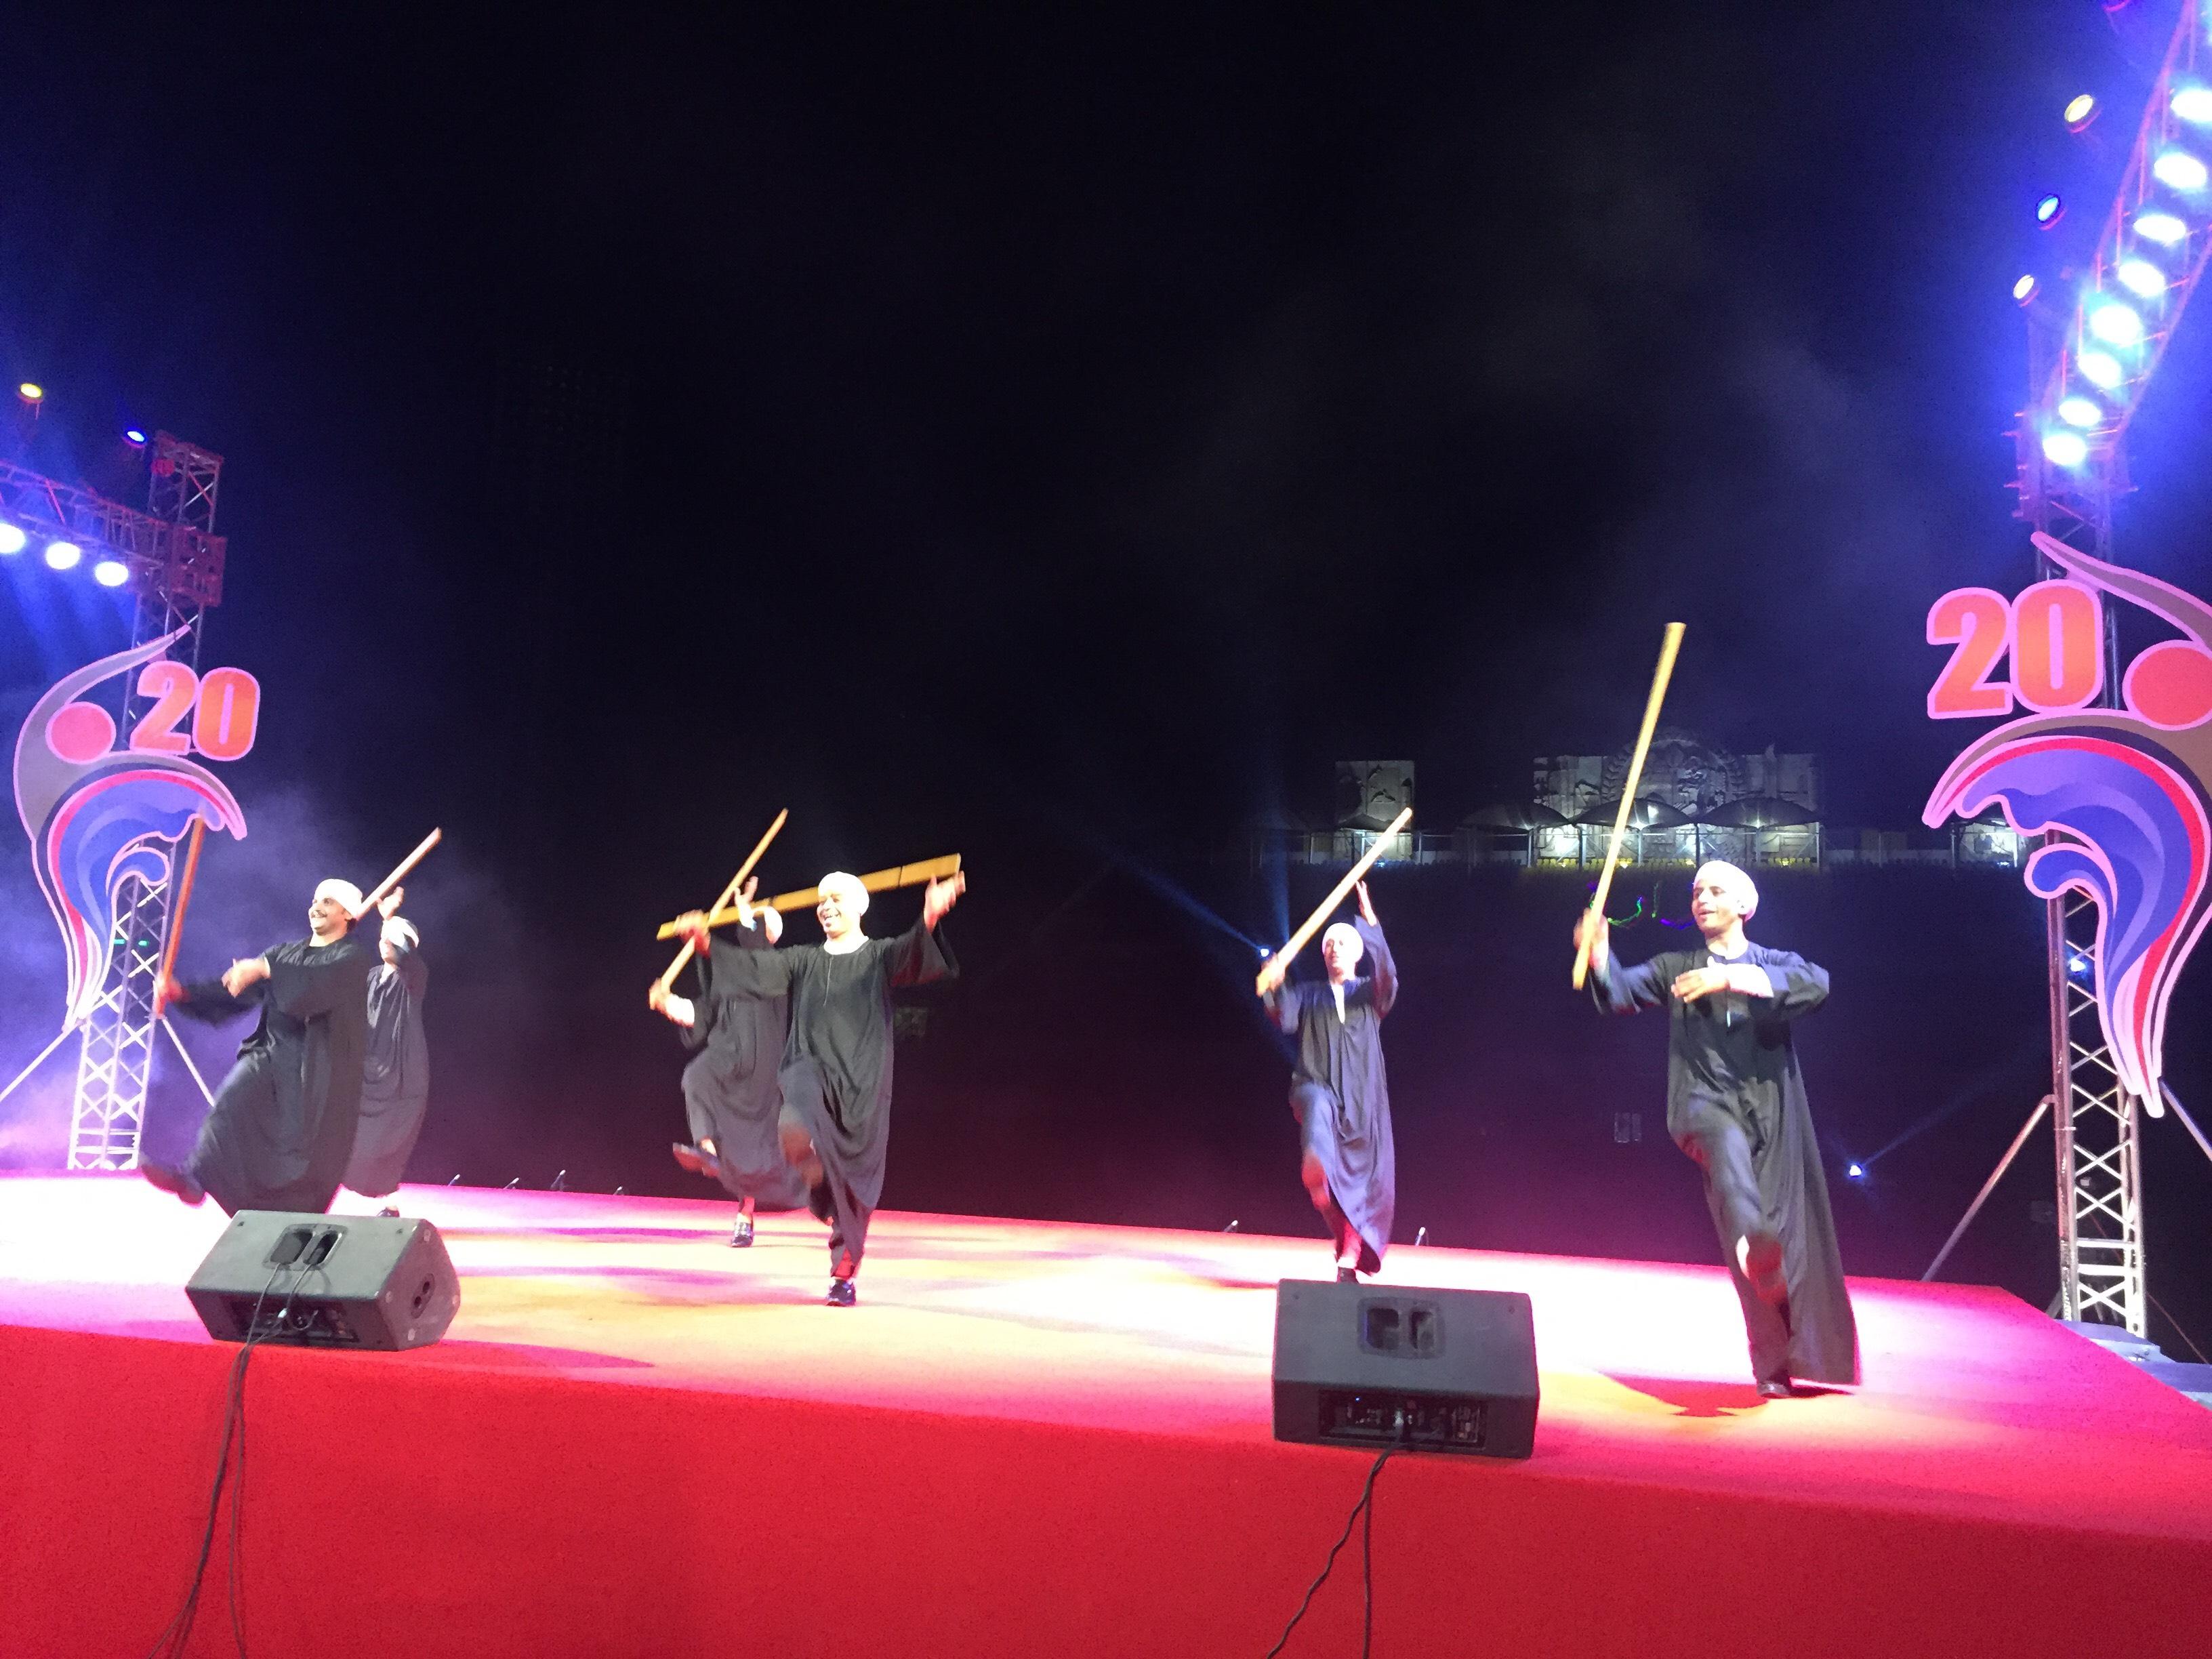 مهرجان الإسماعيلية الدولى العشرين للفنون الشعبية (2)